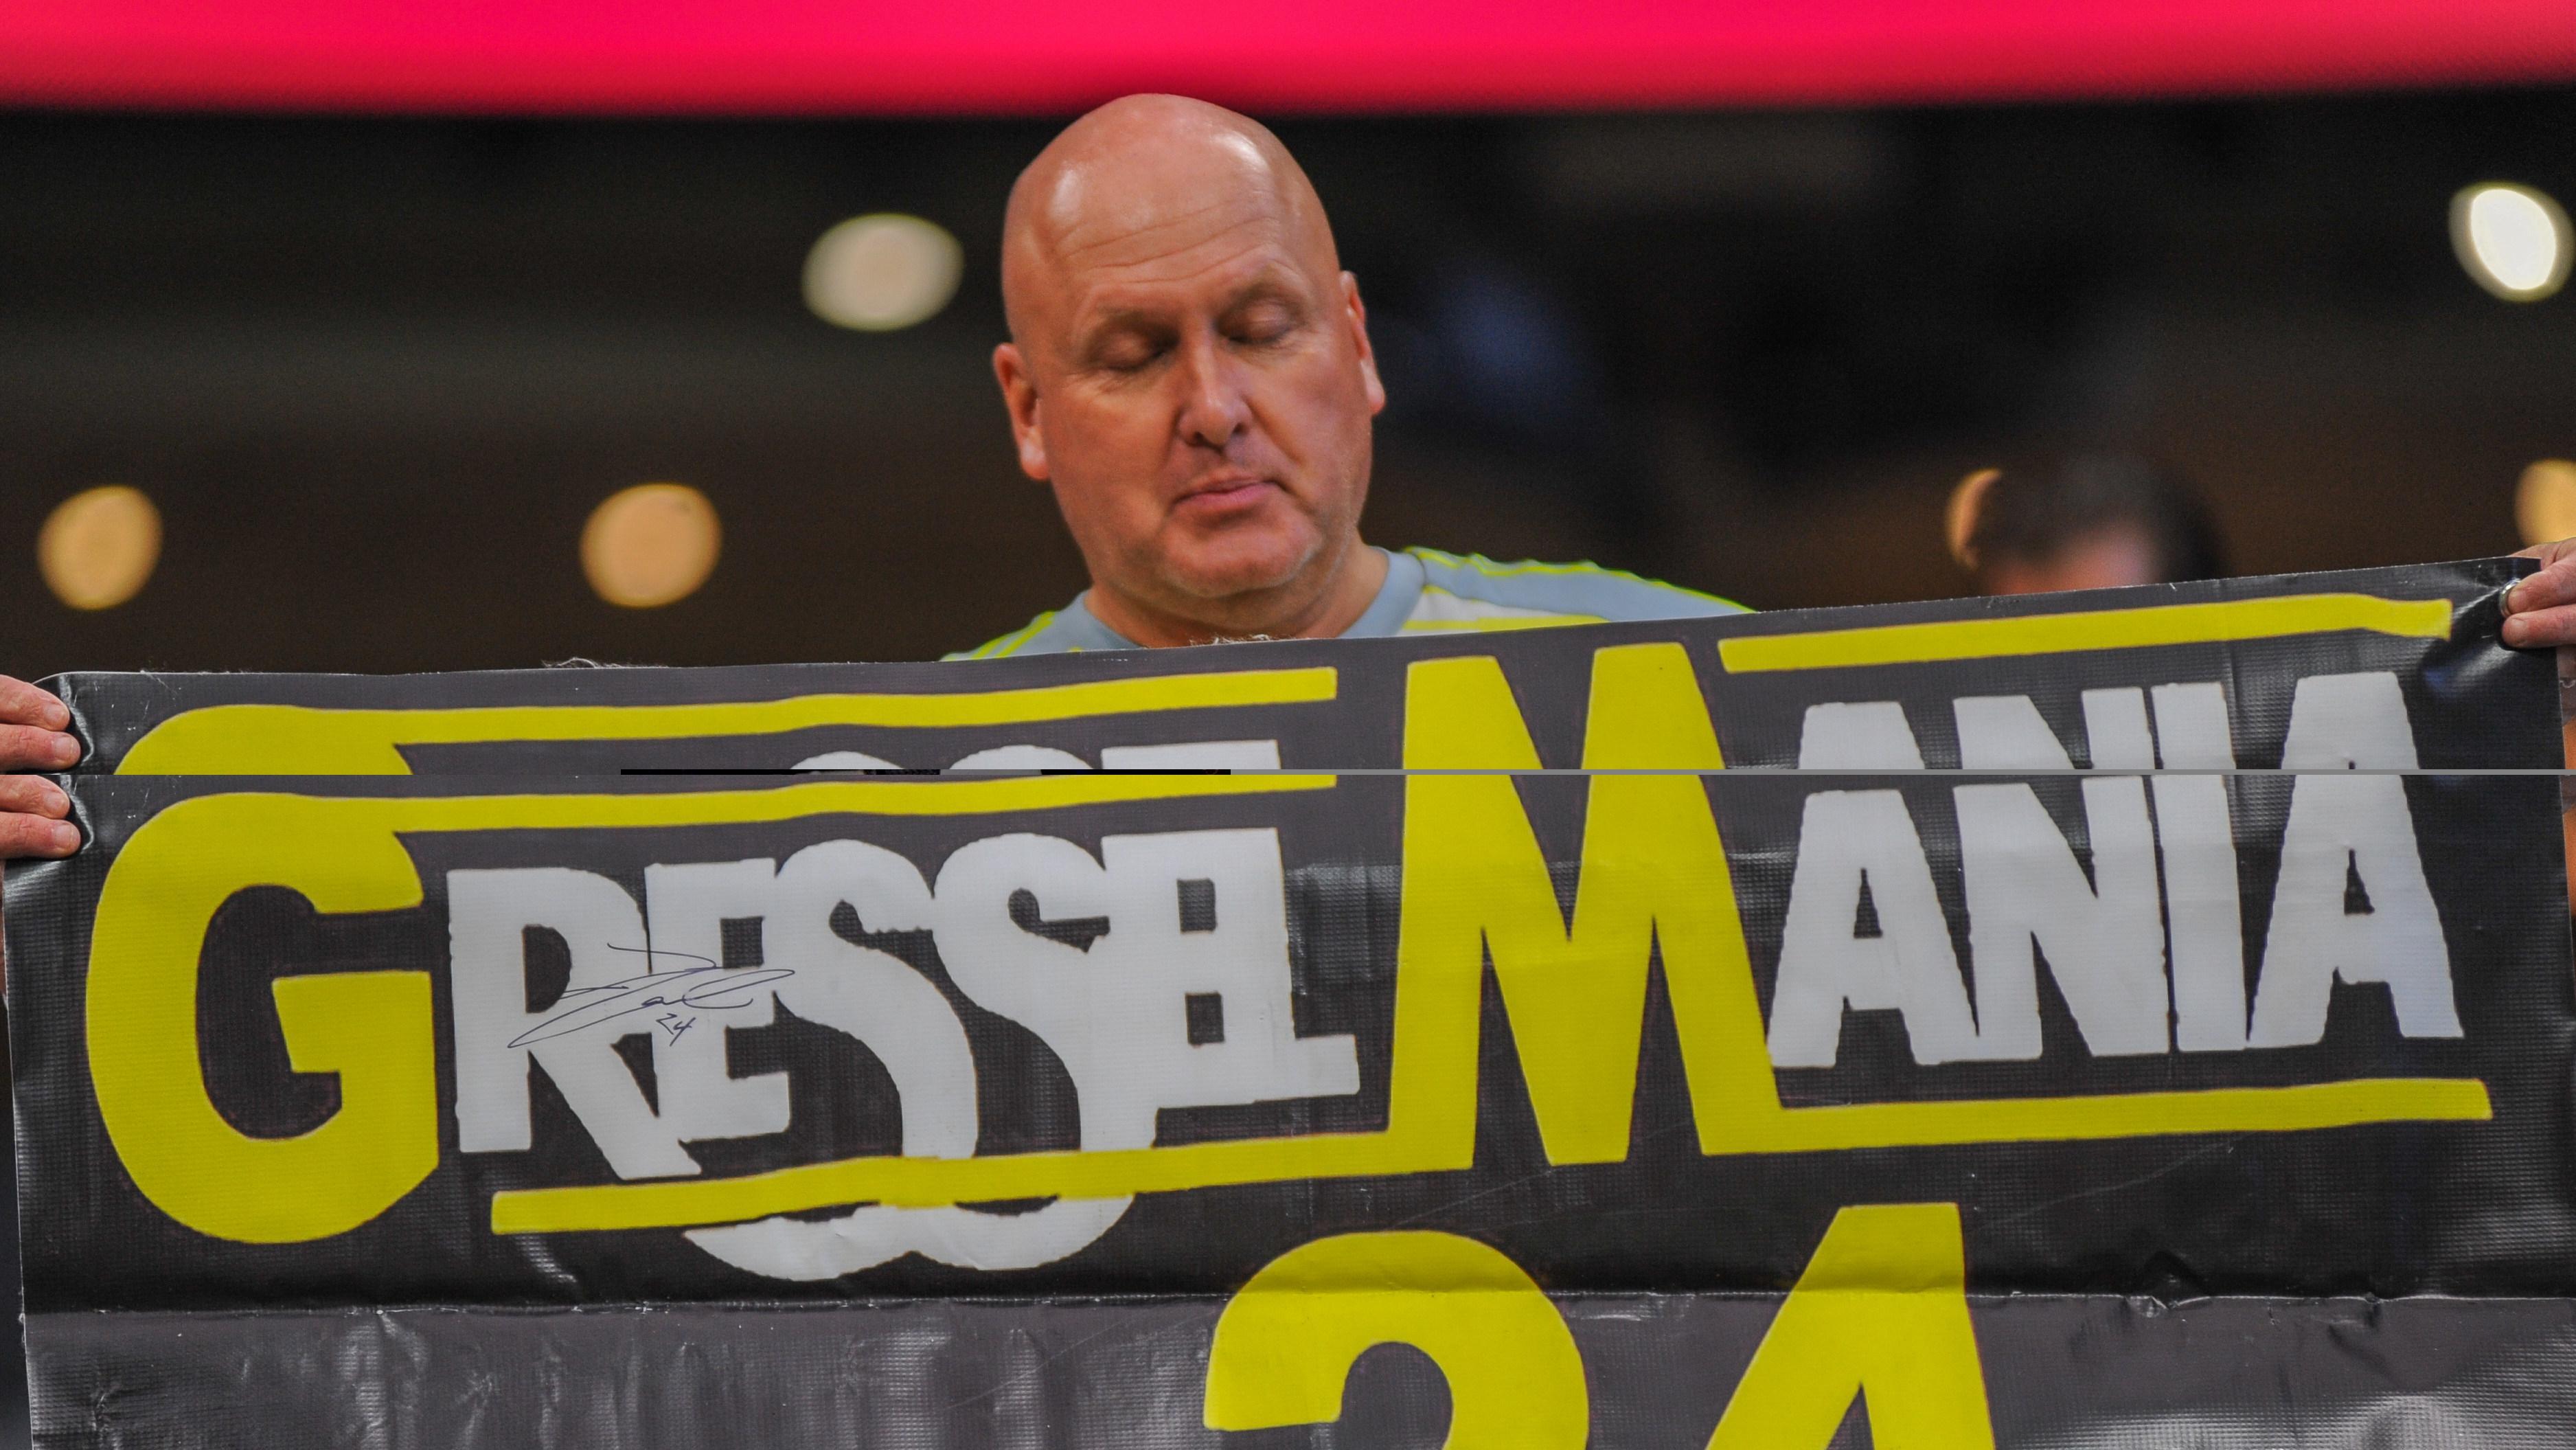 """Gressel-Fan: """"Gressel Mania"""" ist eine Anspielung auf das US-amerikansiche Profiringen und dessen Topevent """"Wrestle Mania""""."""